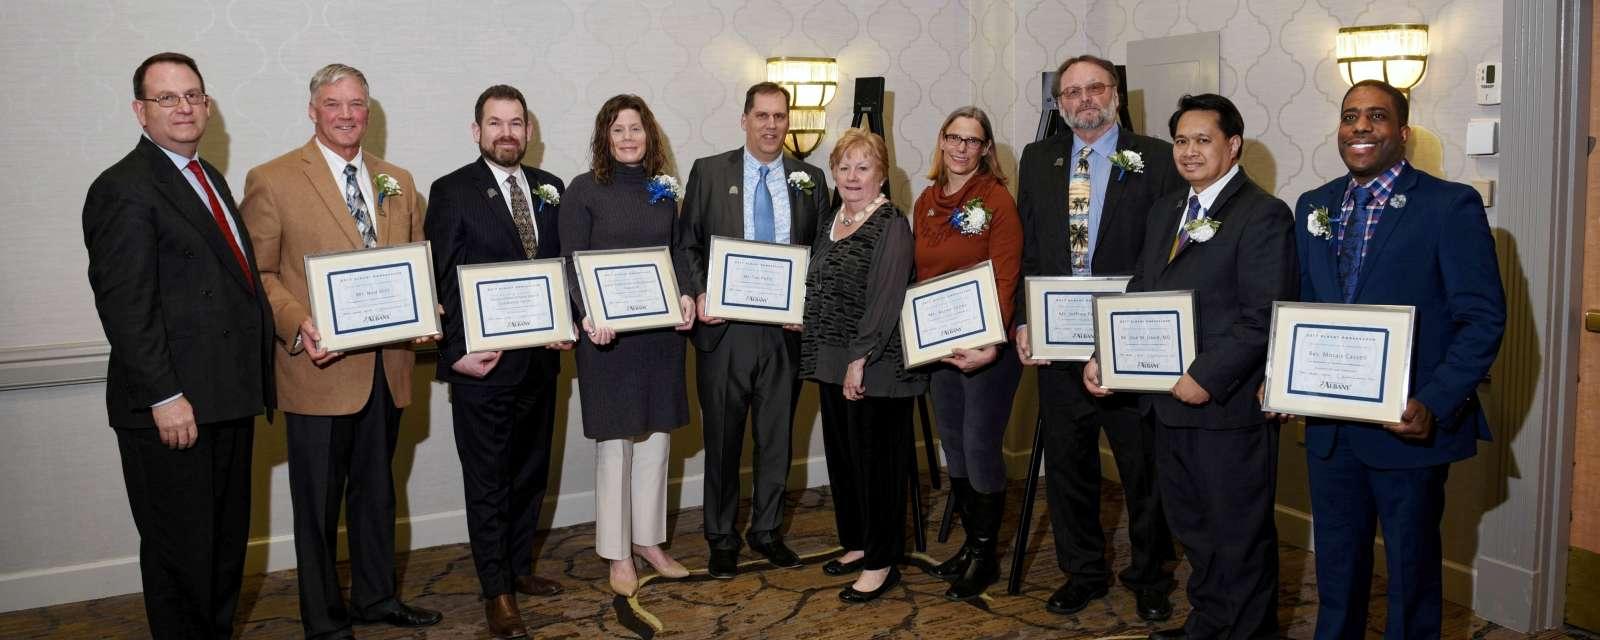 2018 Albany Ambassadors